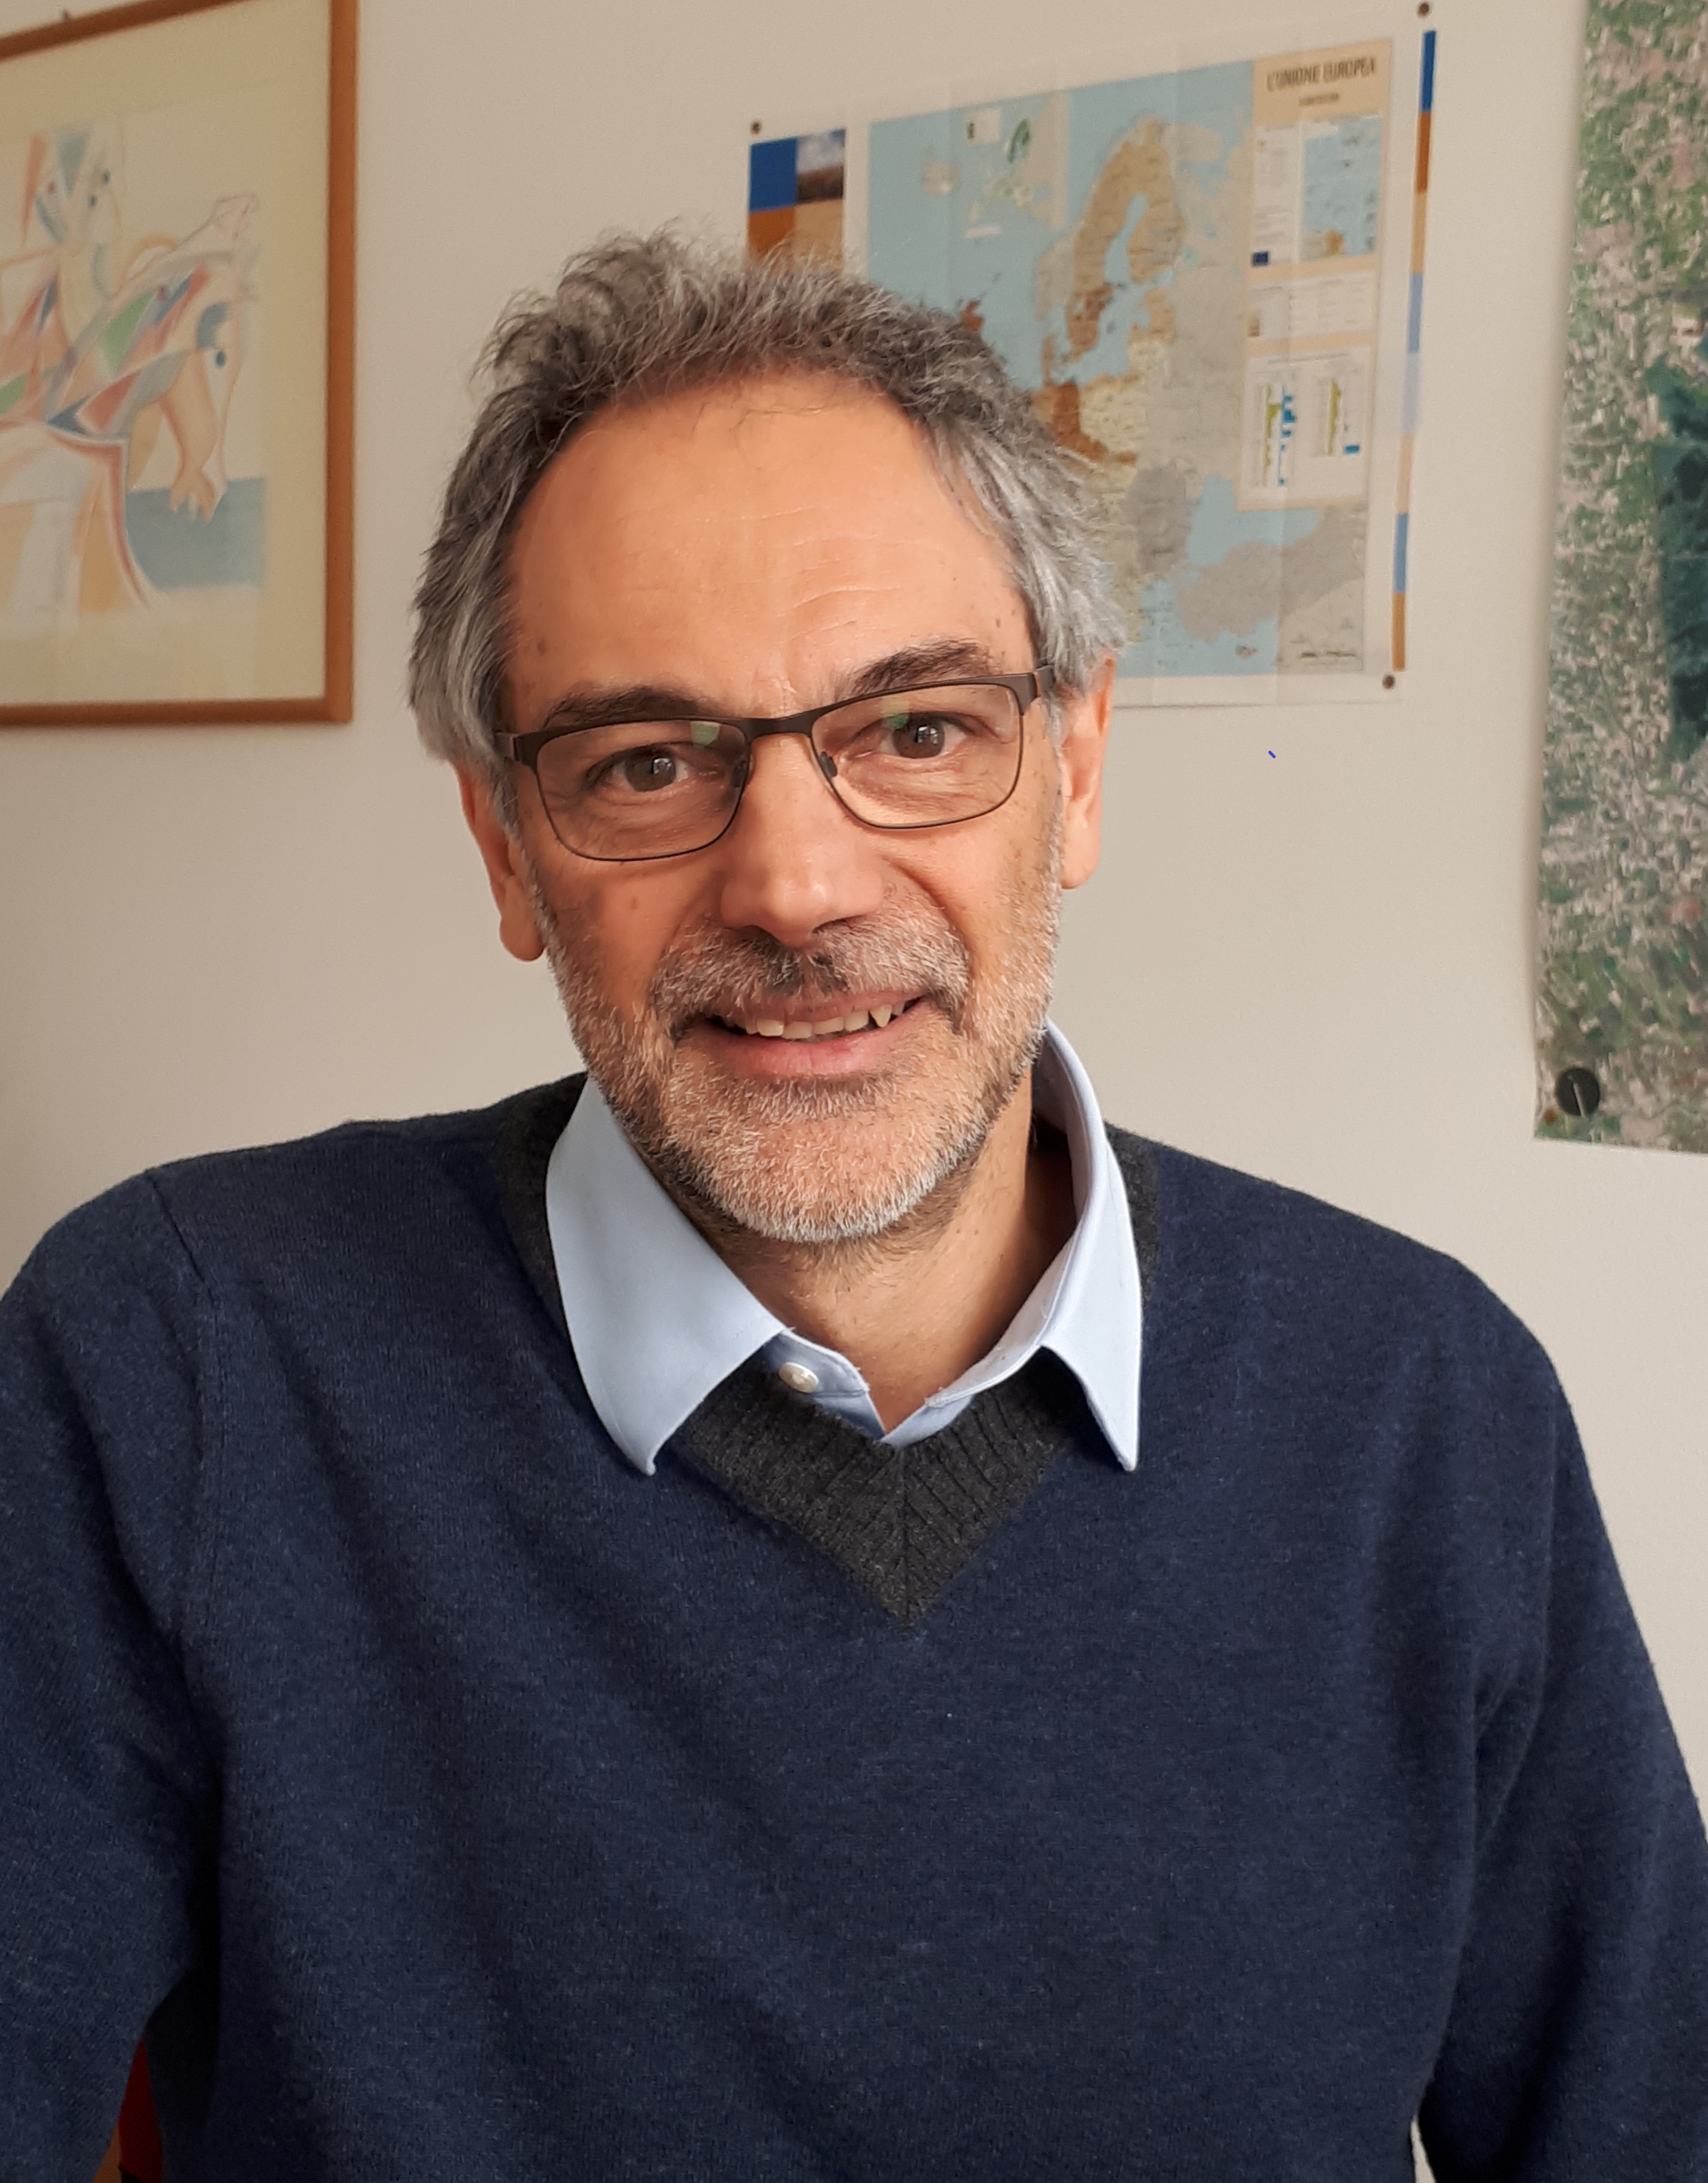 Andrea Povellato